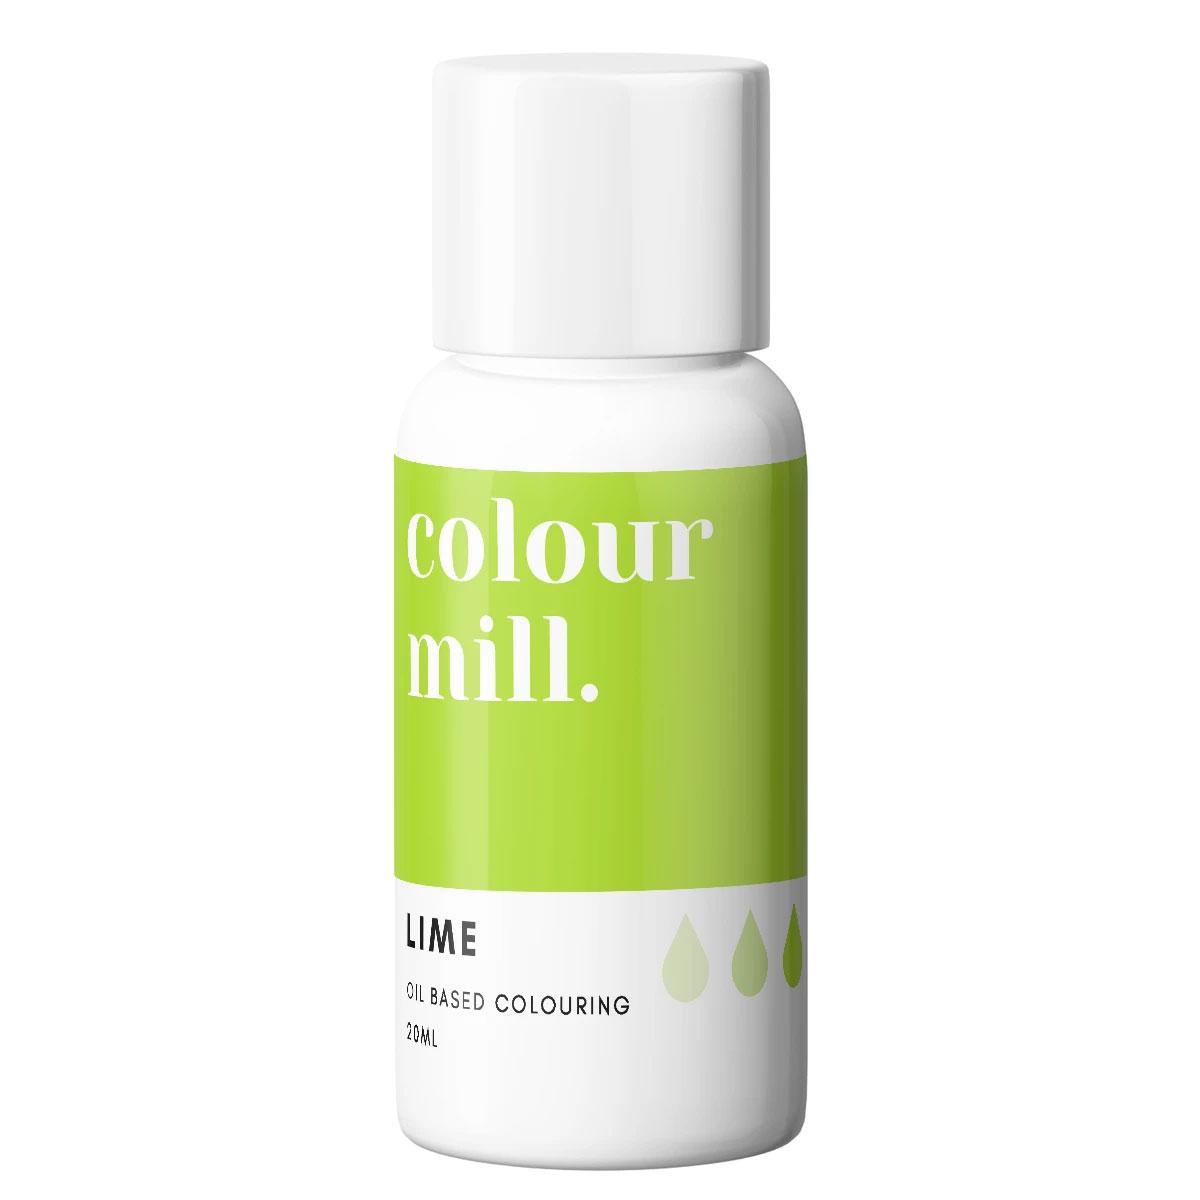 Colour Mill fettlösliche Lebensmittelfarbe - Lime 20ml